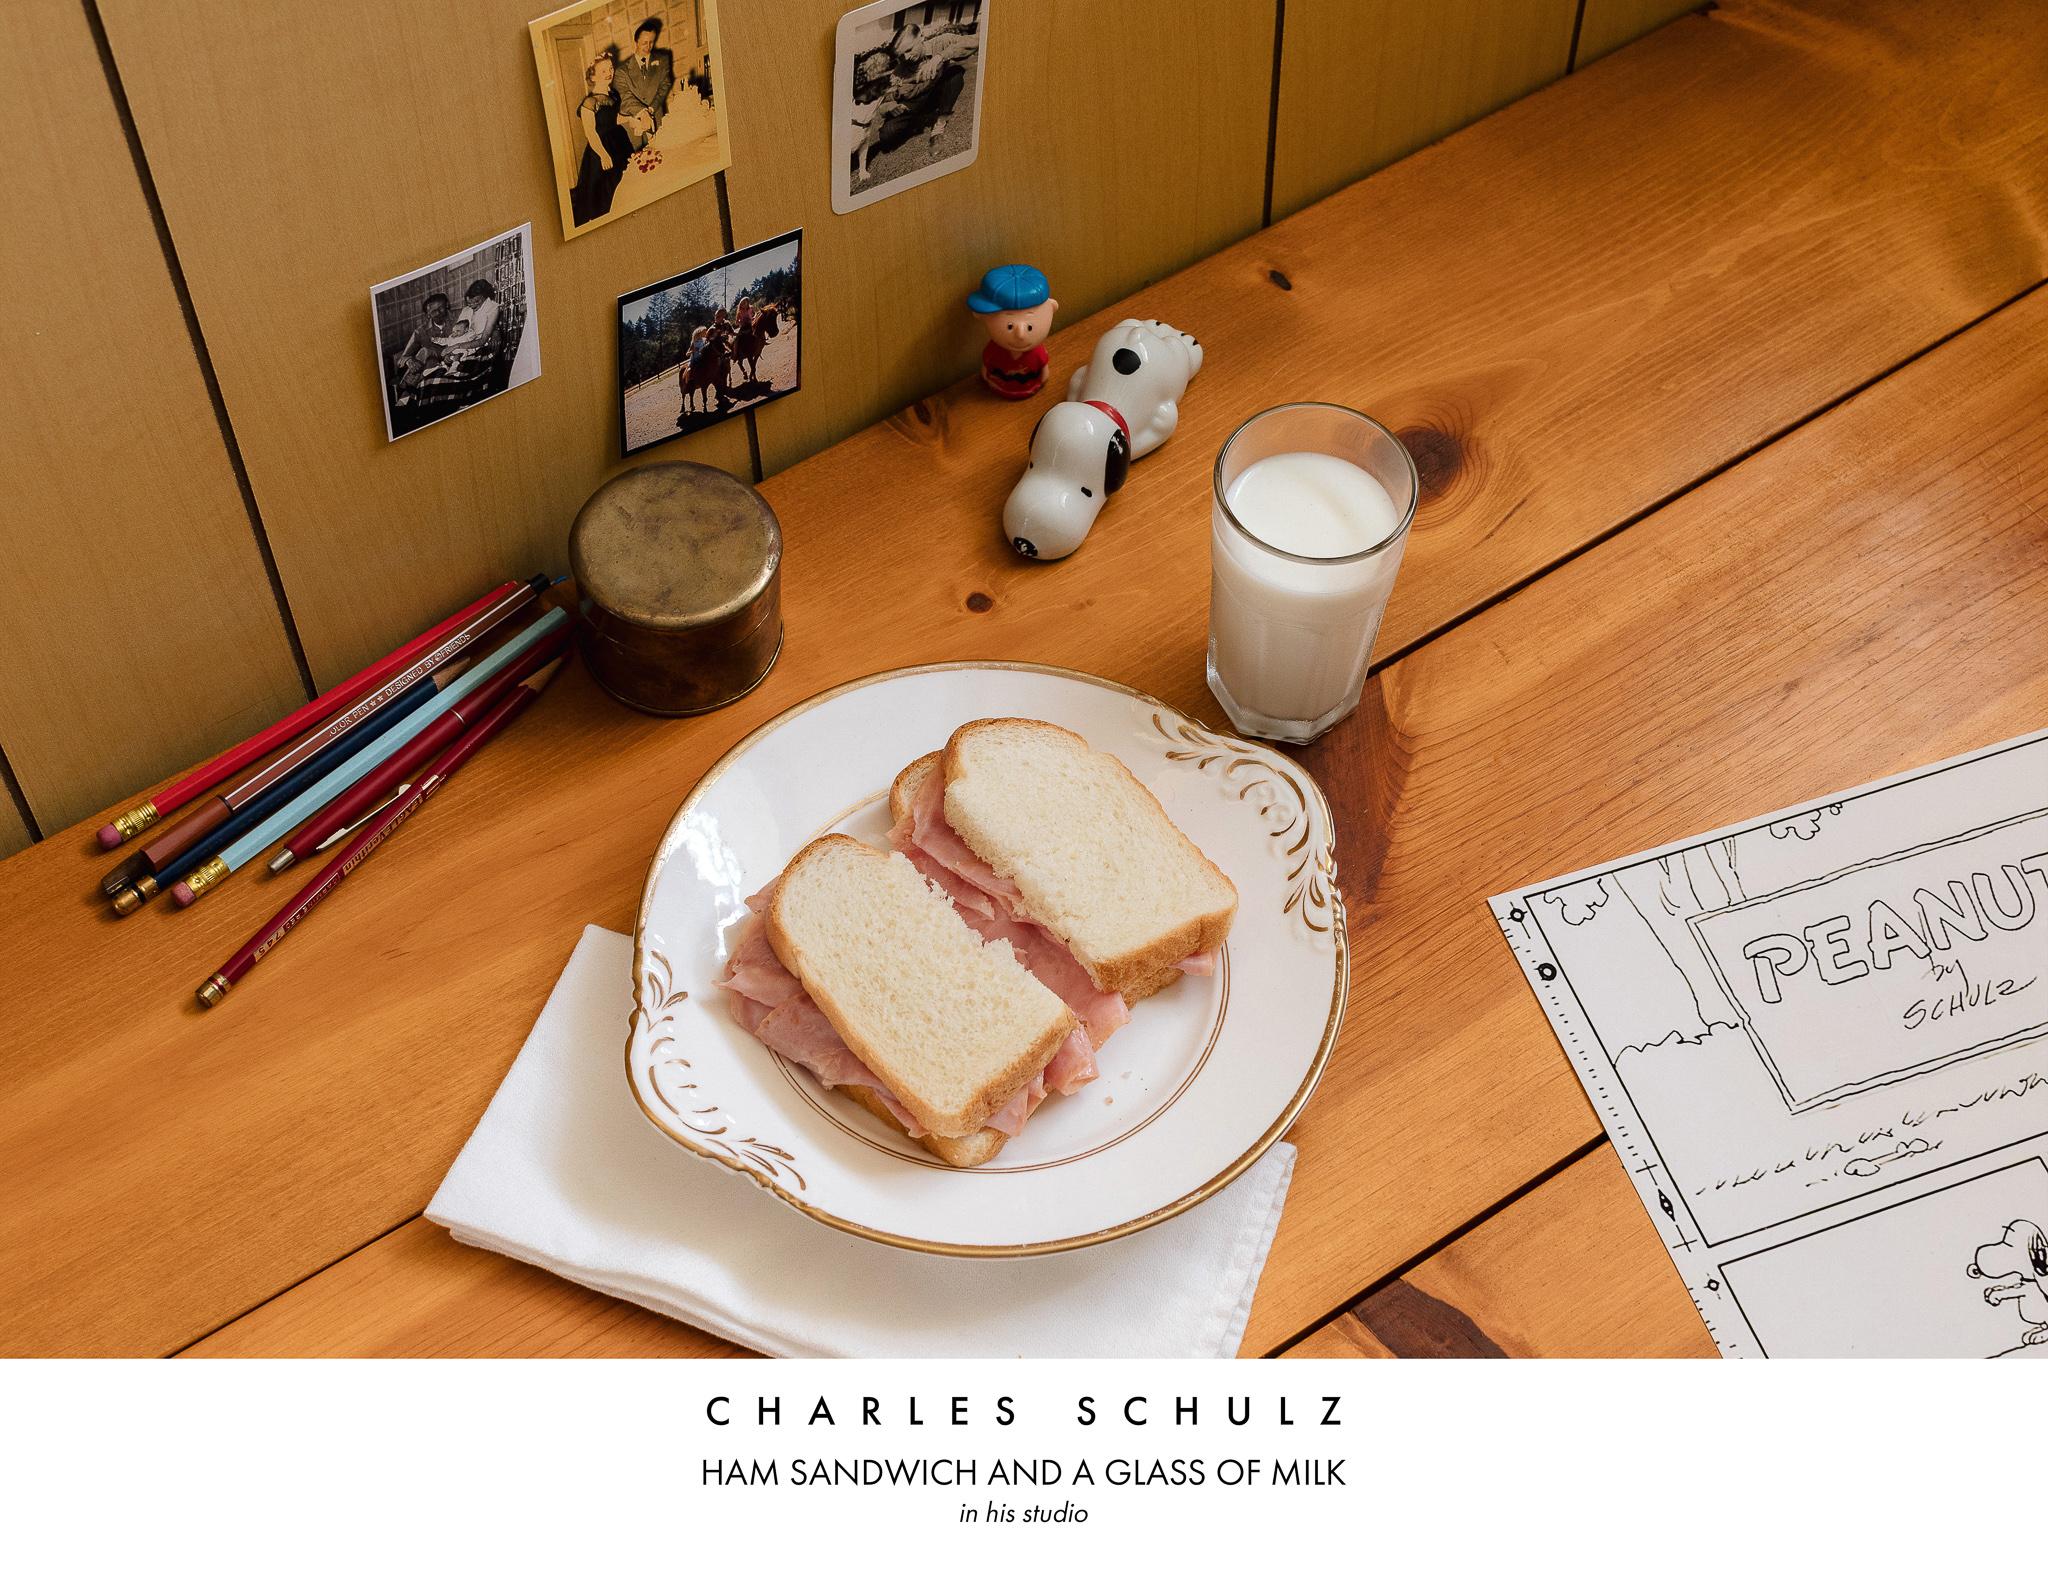 Charles Schulz Ham Sandwich